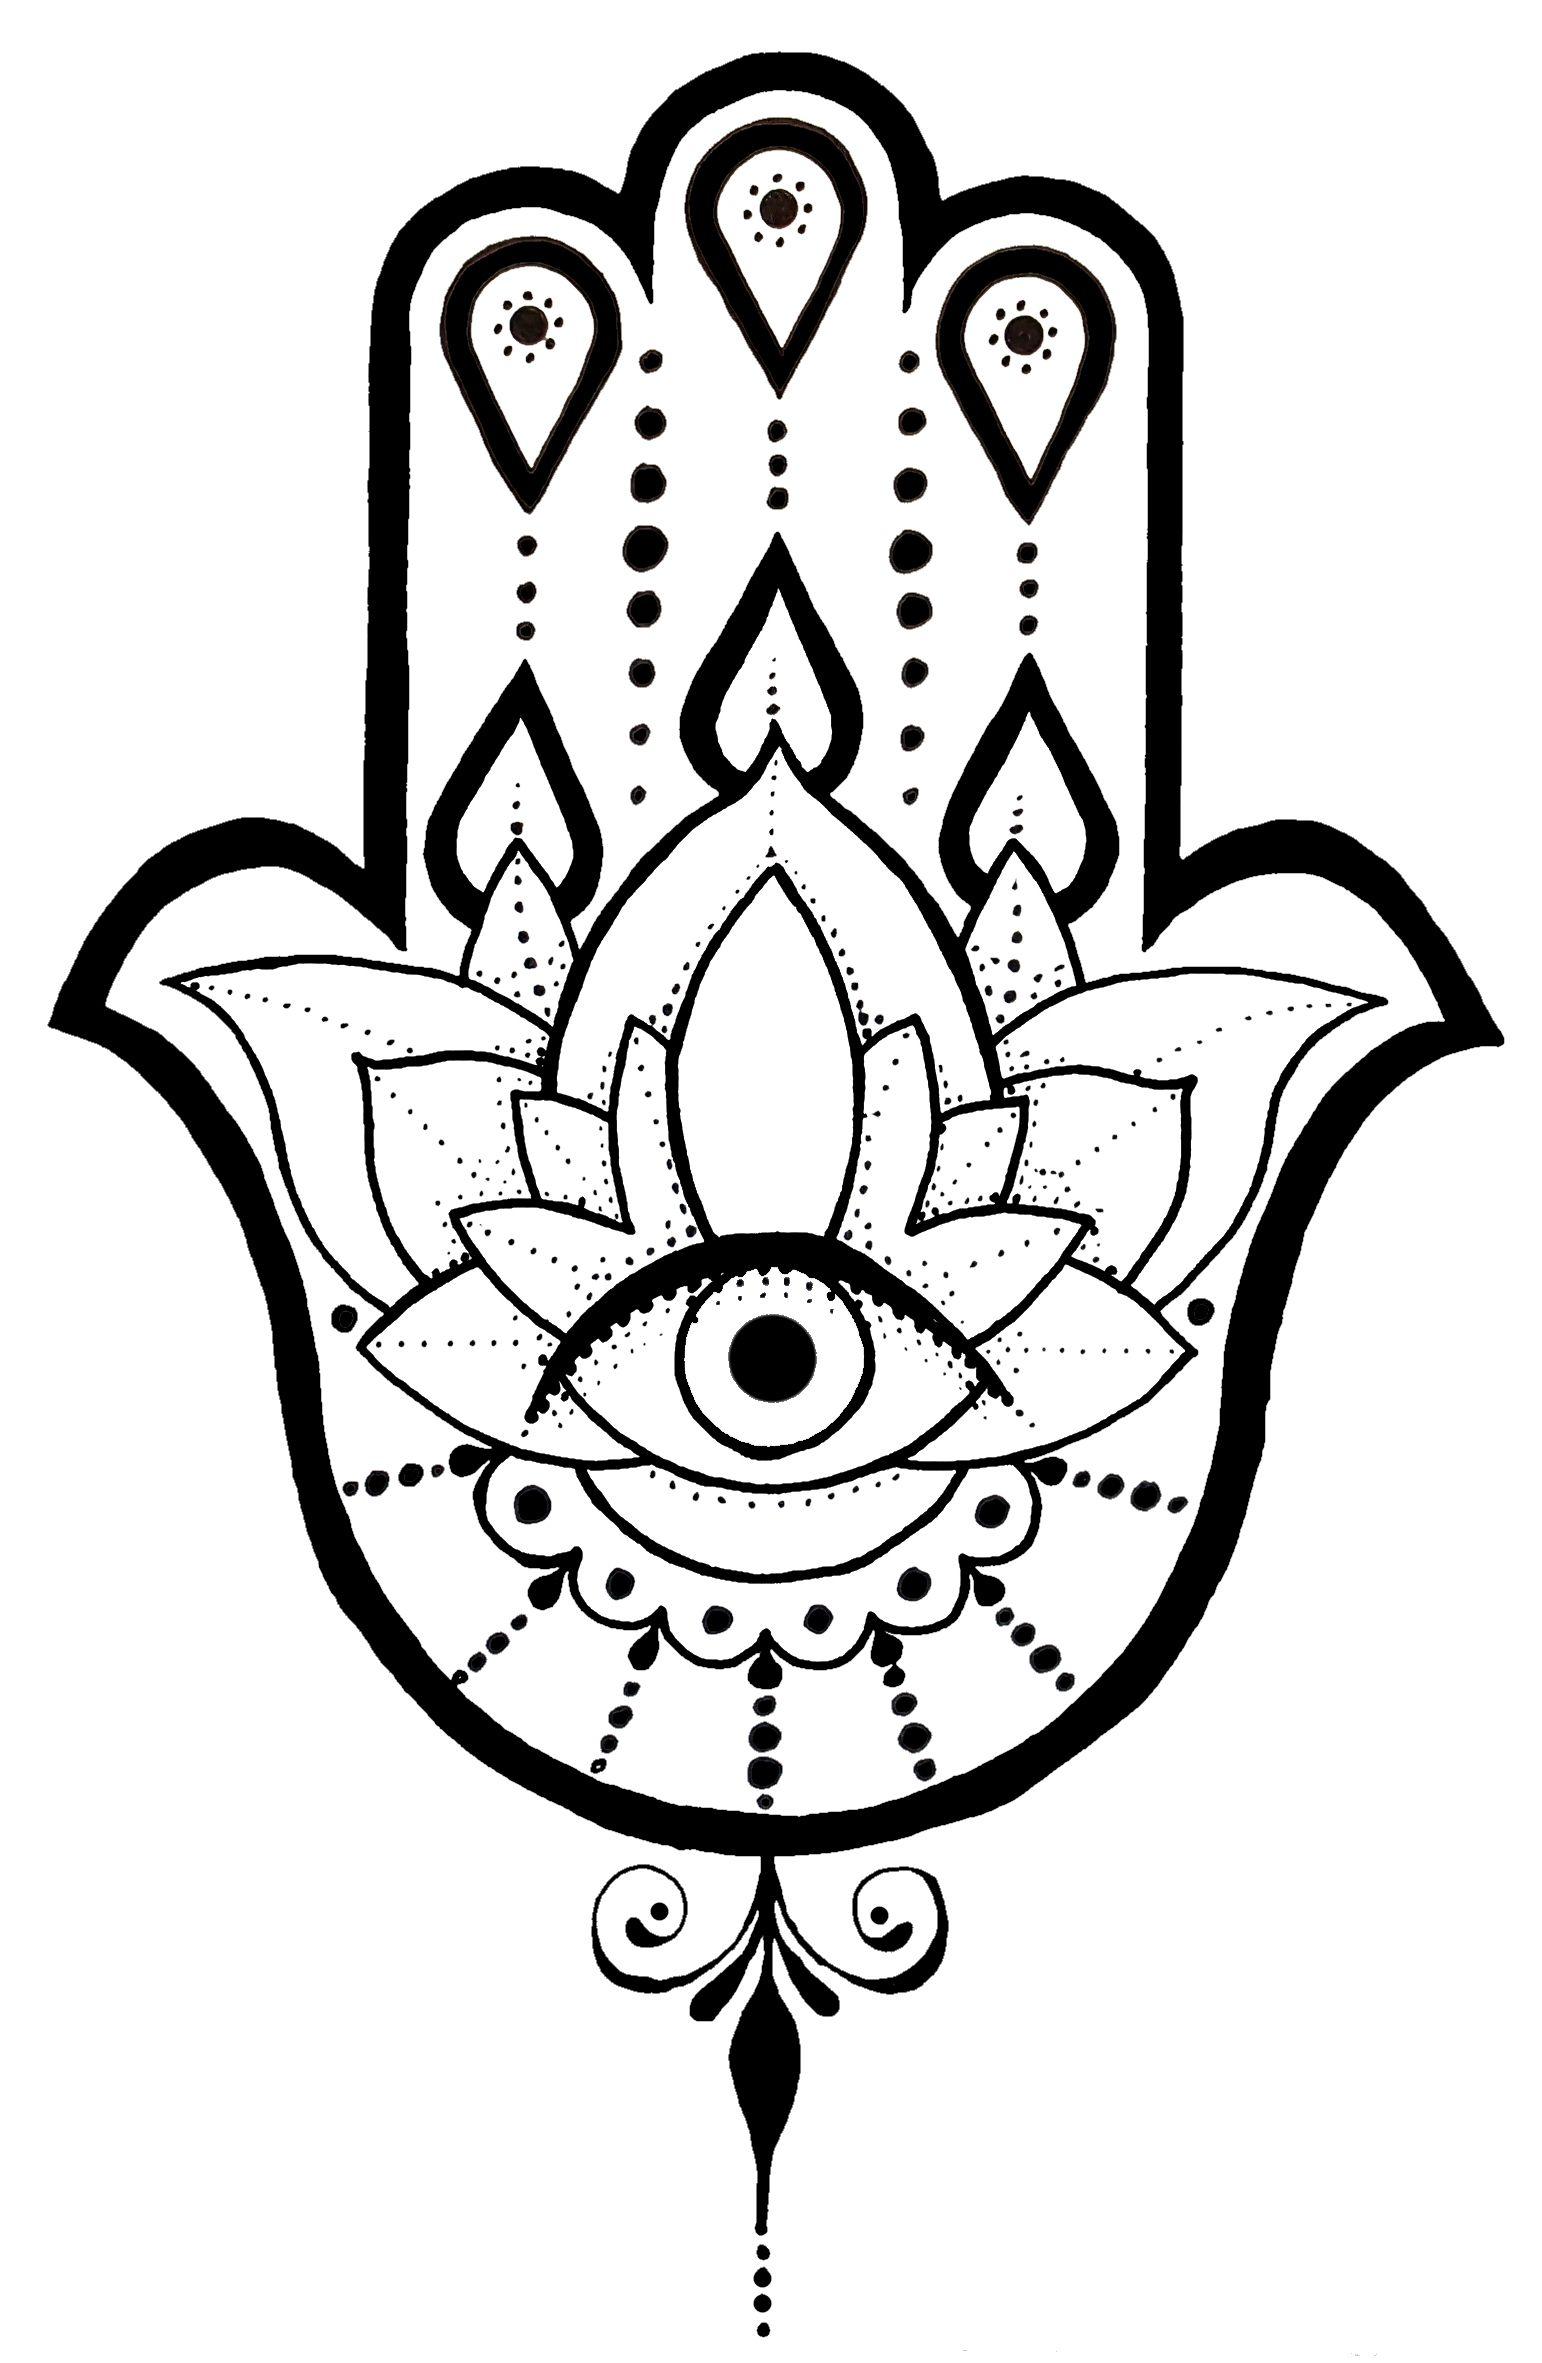 A Hamsa Tattoo Design I Created